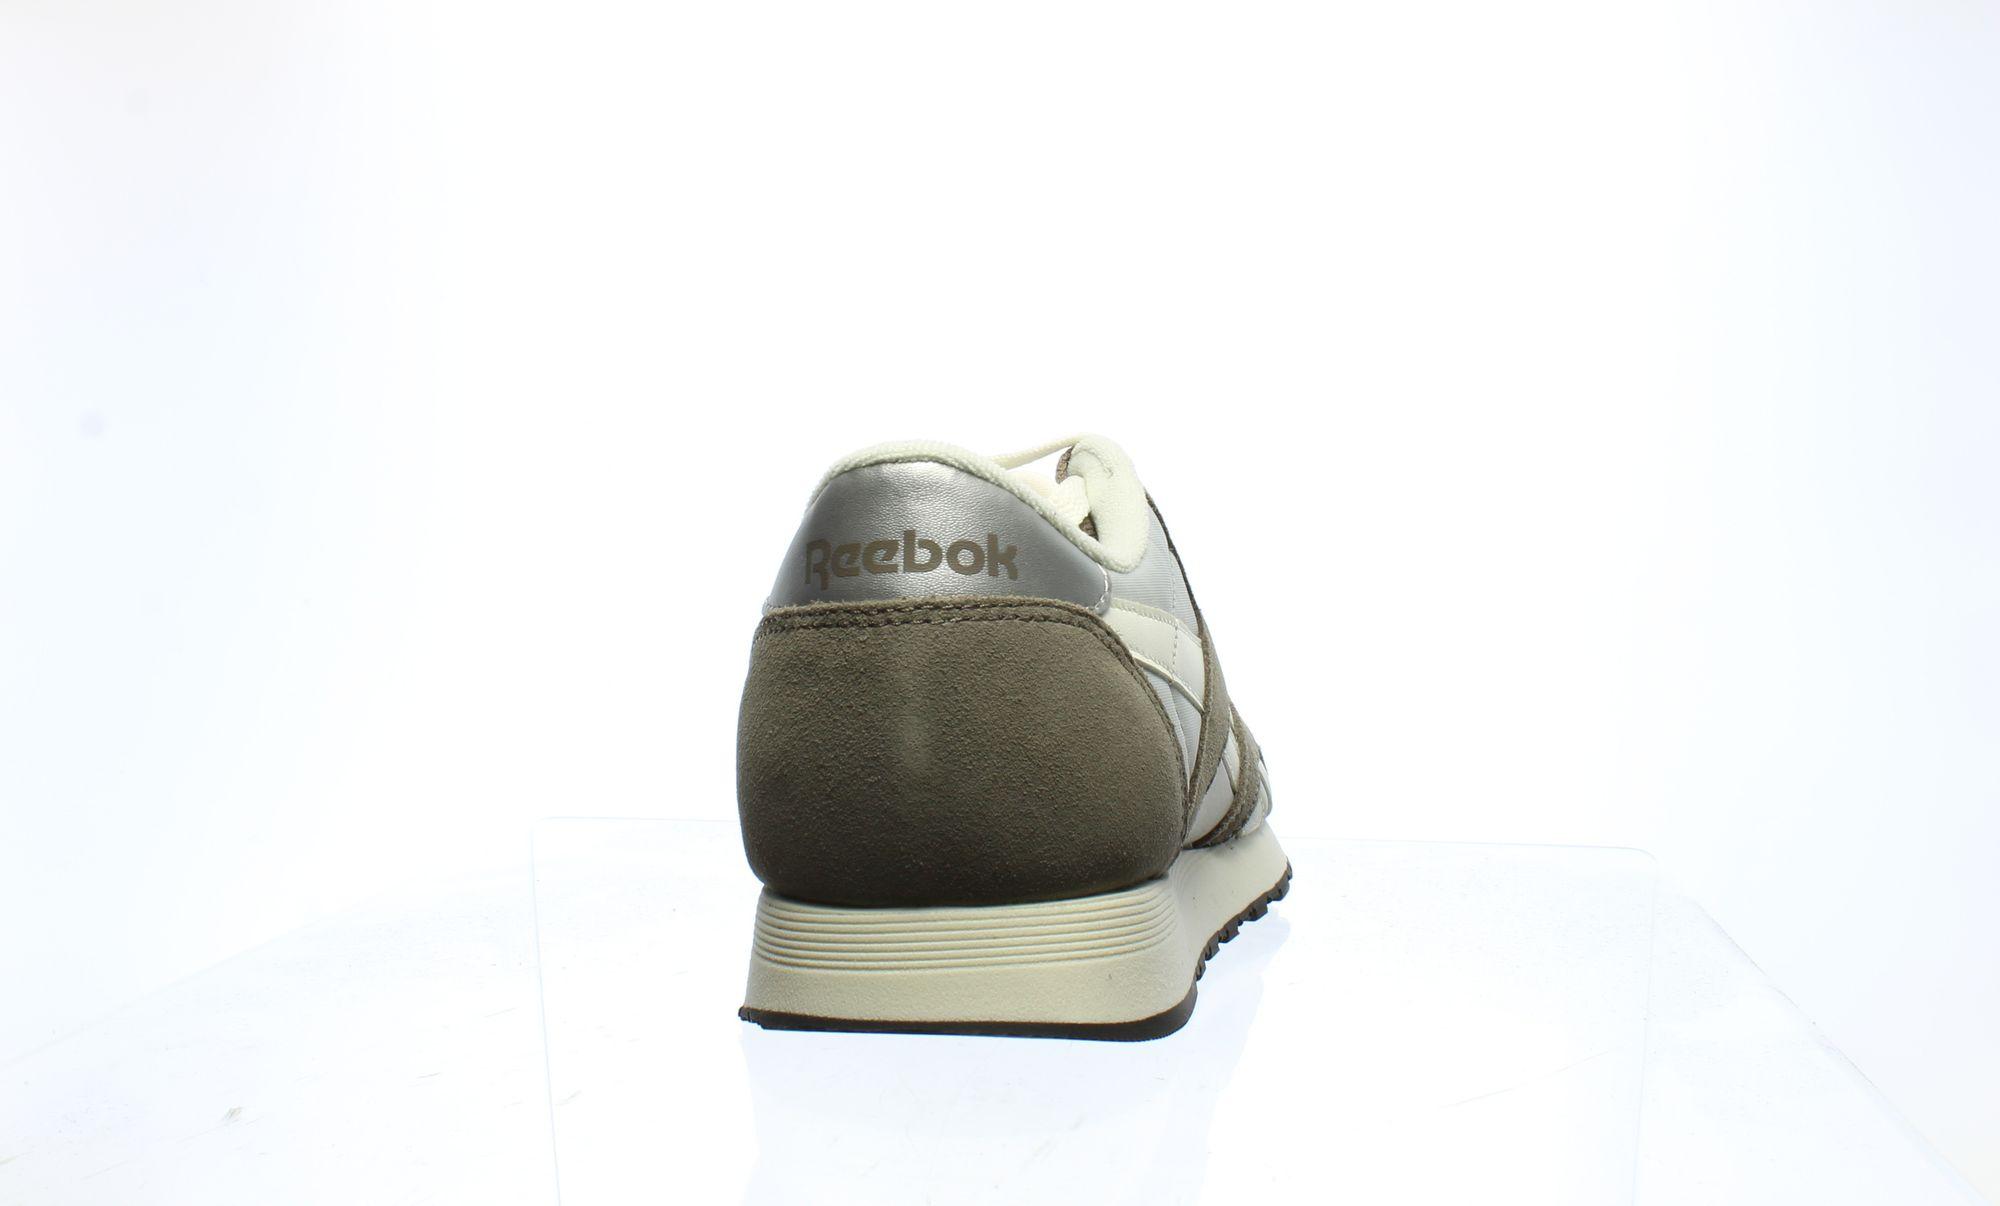 Reebok-Mens-Cl-Nylon-Fashion-Sneakers thumbnail 44